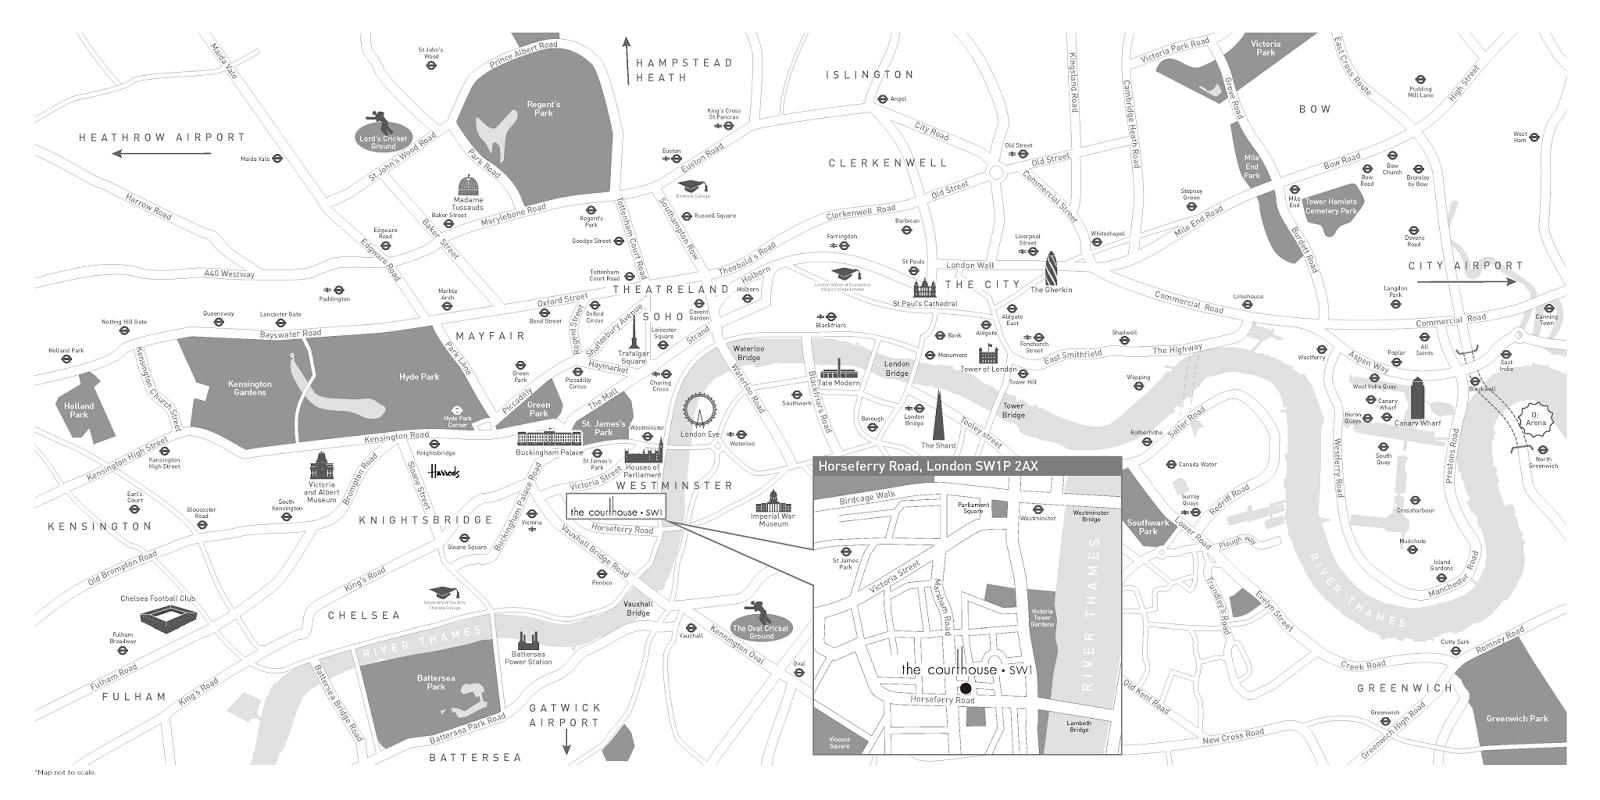 倫敦海外房地產投資地點